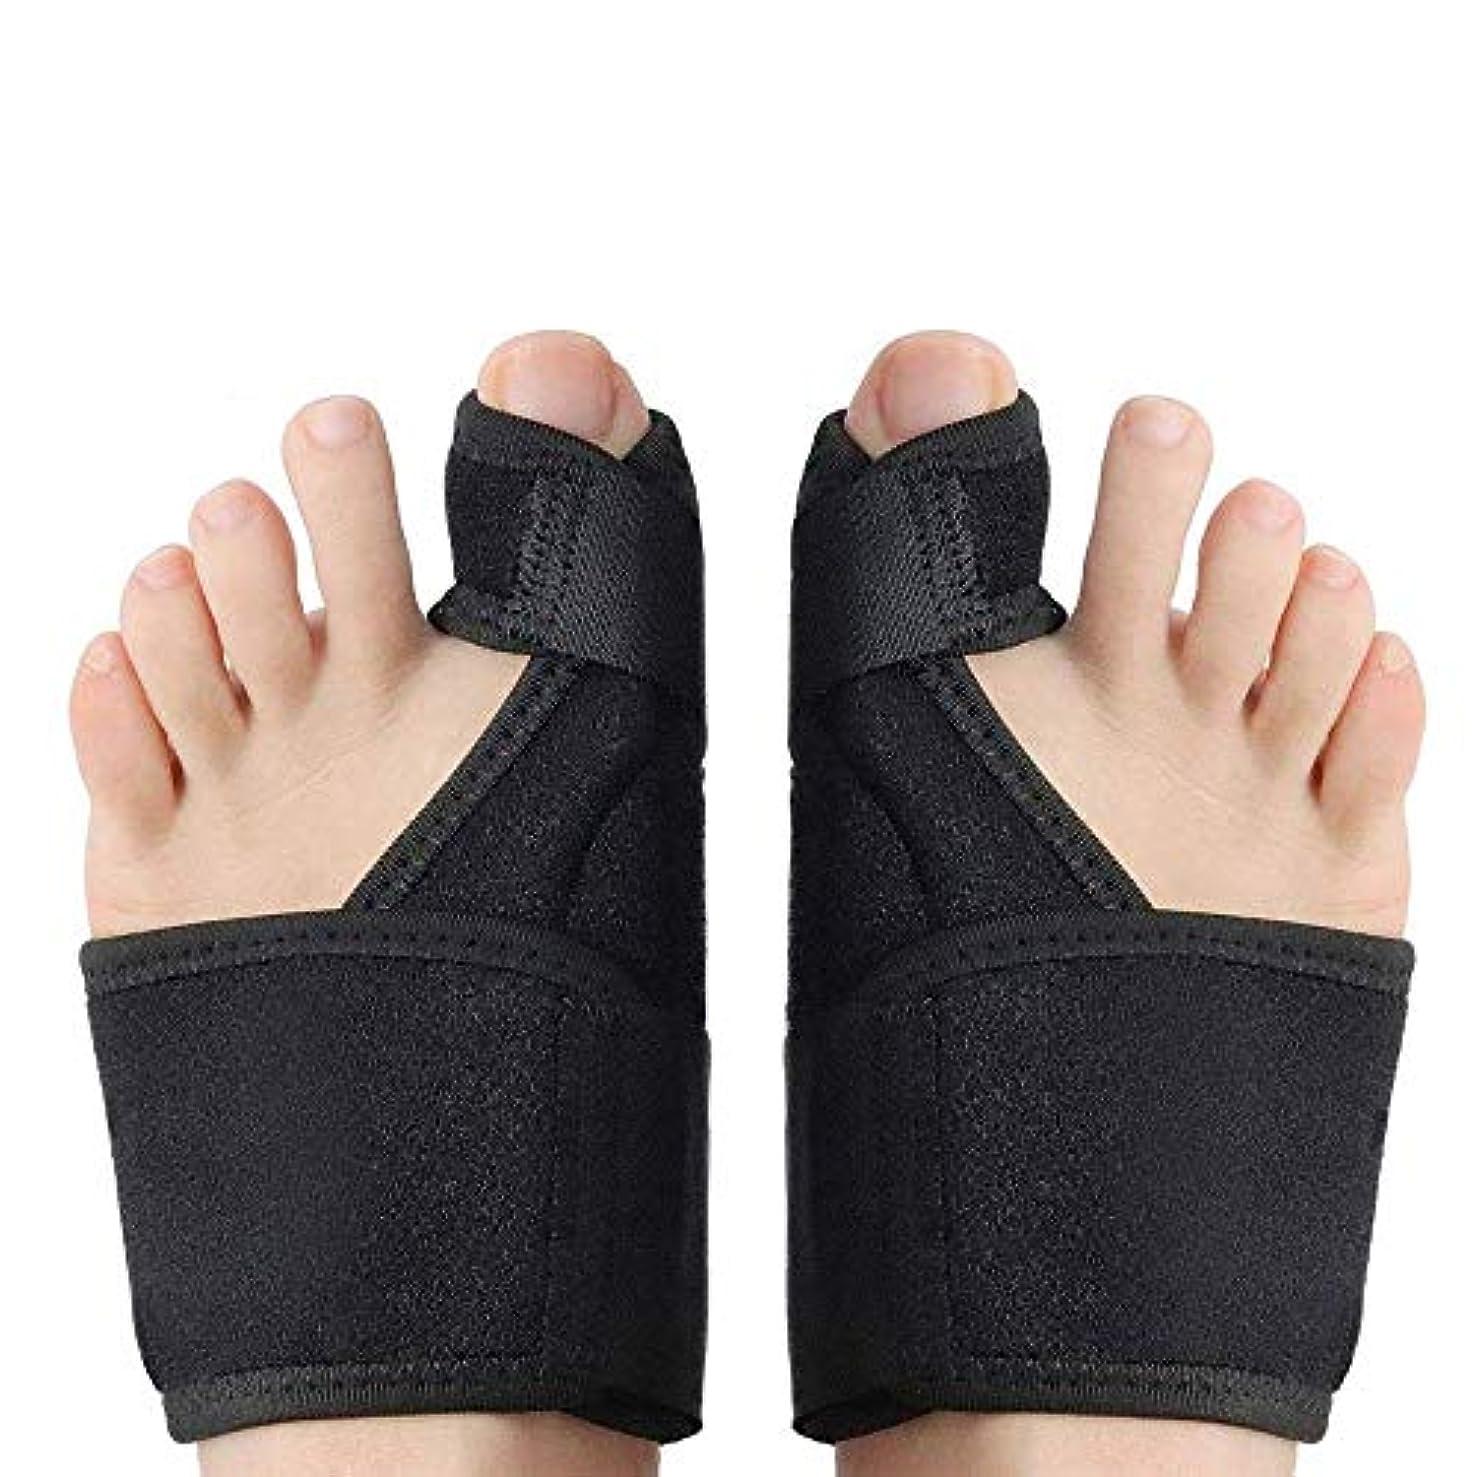 やるスピーカー無声で腱膜矯正および腱膜弛緩整形外科のつま先ストレイテナー御馳走して外反母趾装具快適な外反ベルトアップグレードパッケージ